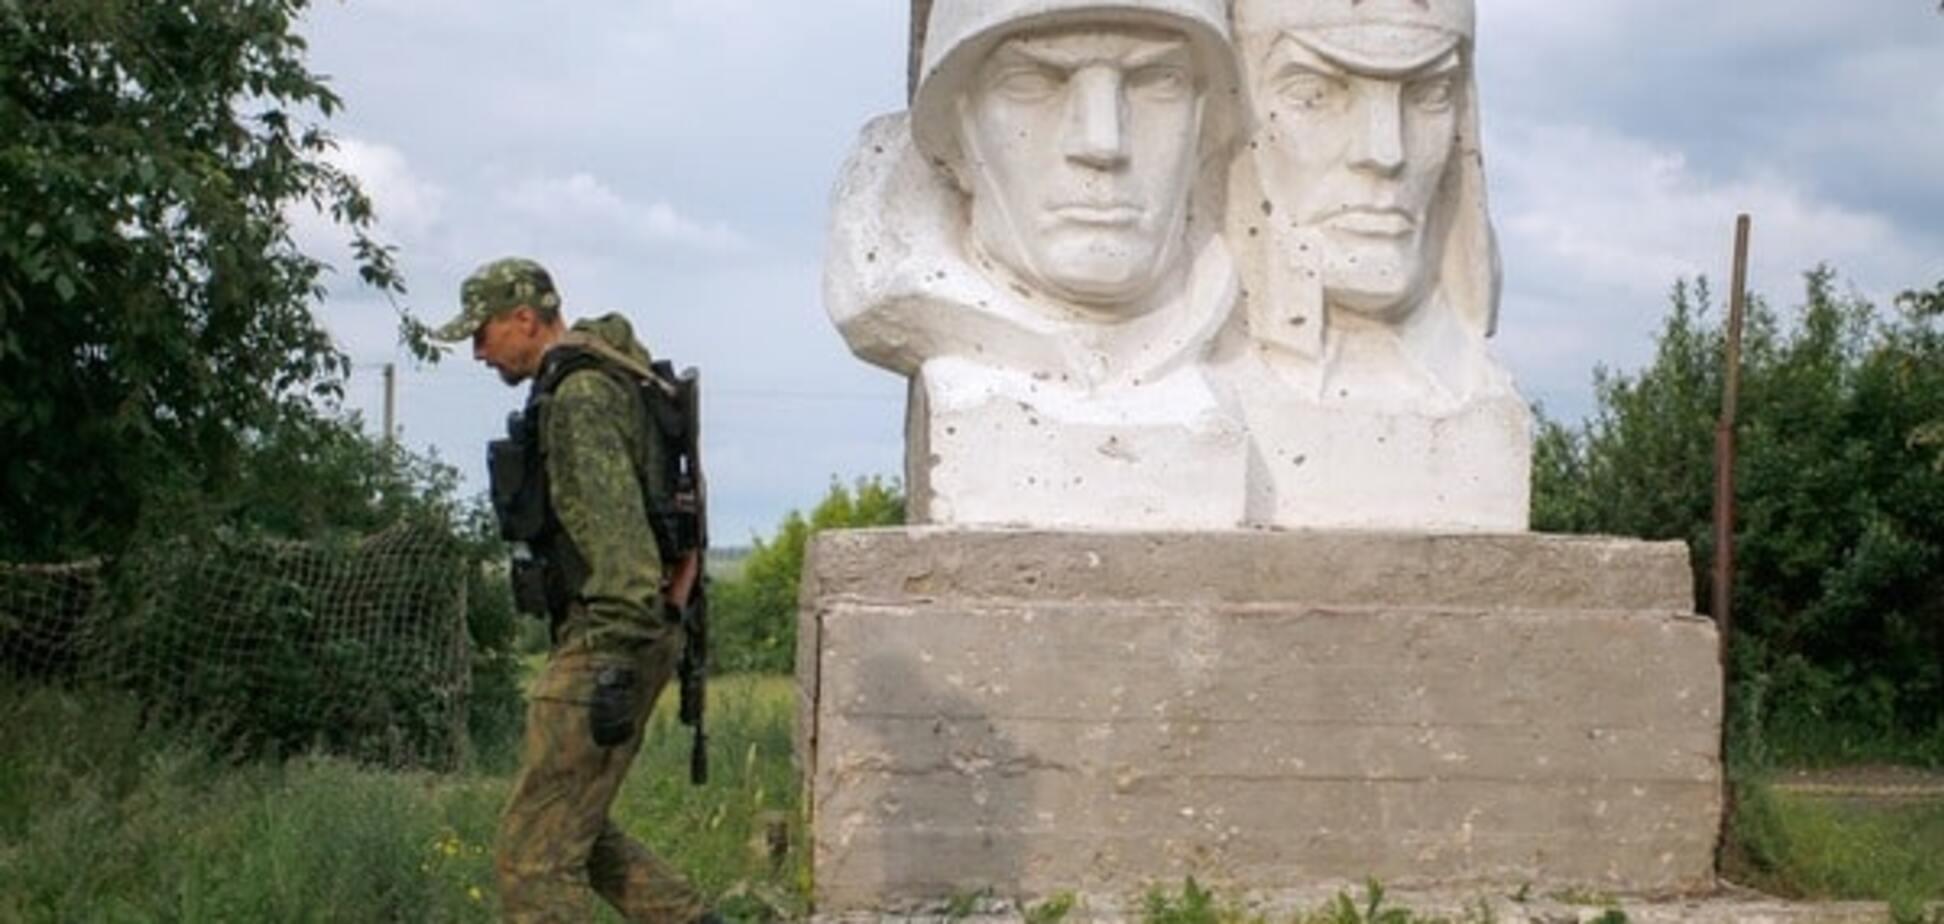 Тіло показали з дозволу російського офіцера: в Донецьку вбили терориста 'ДНР'